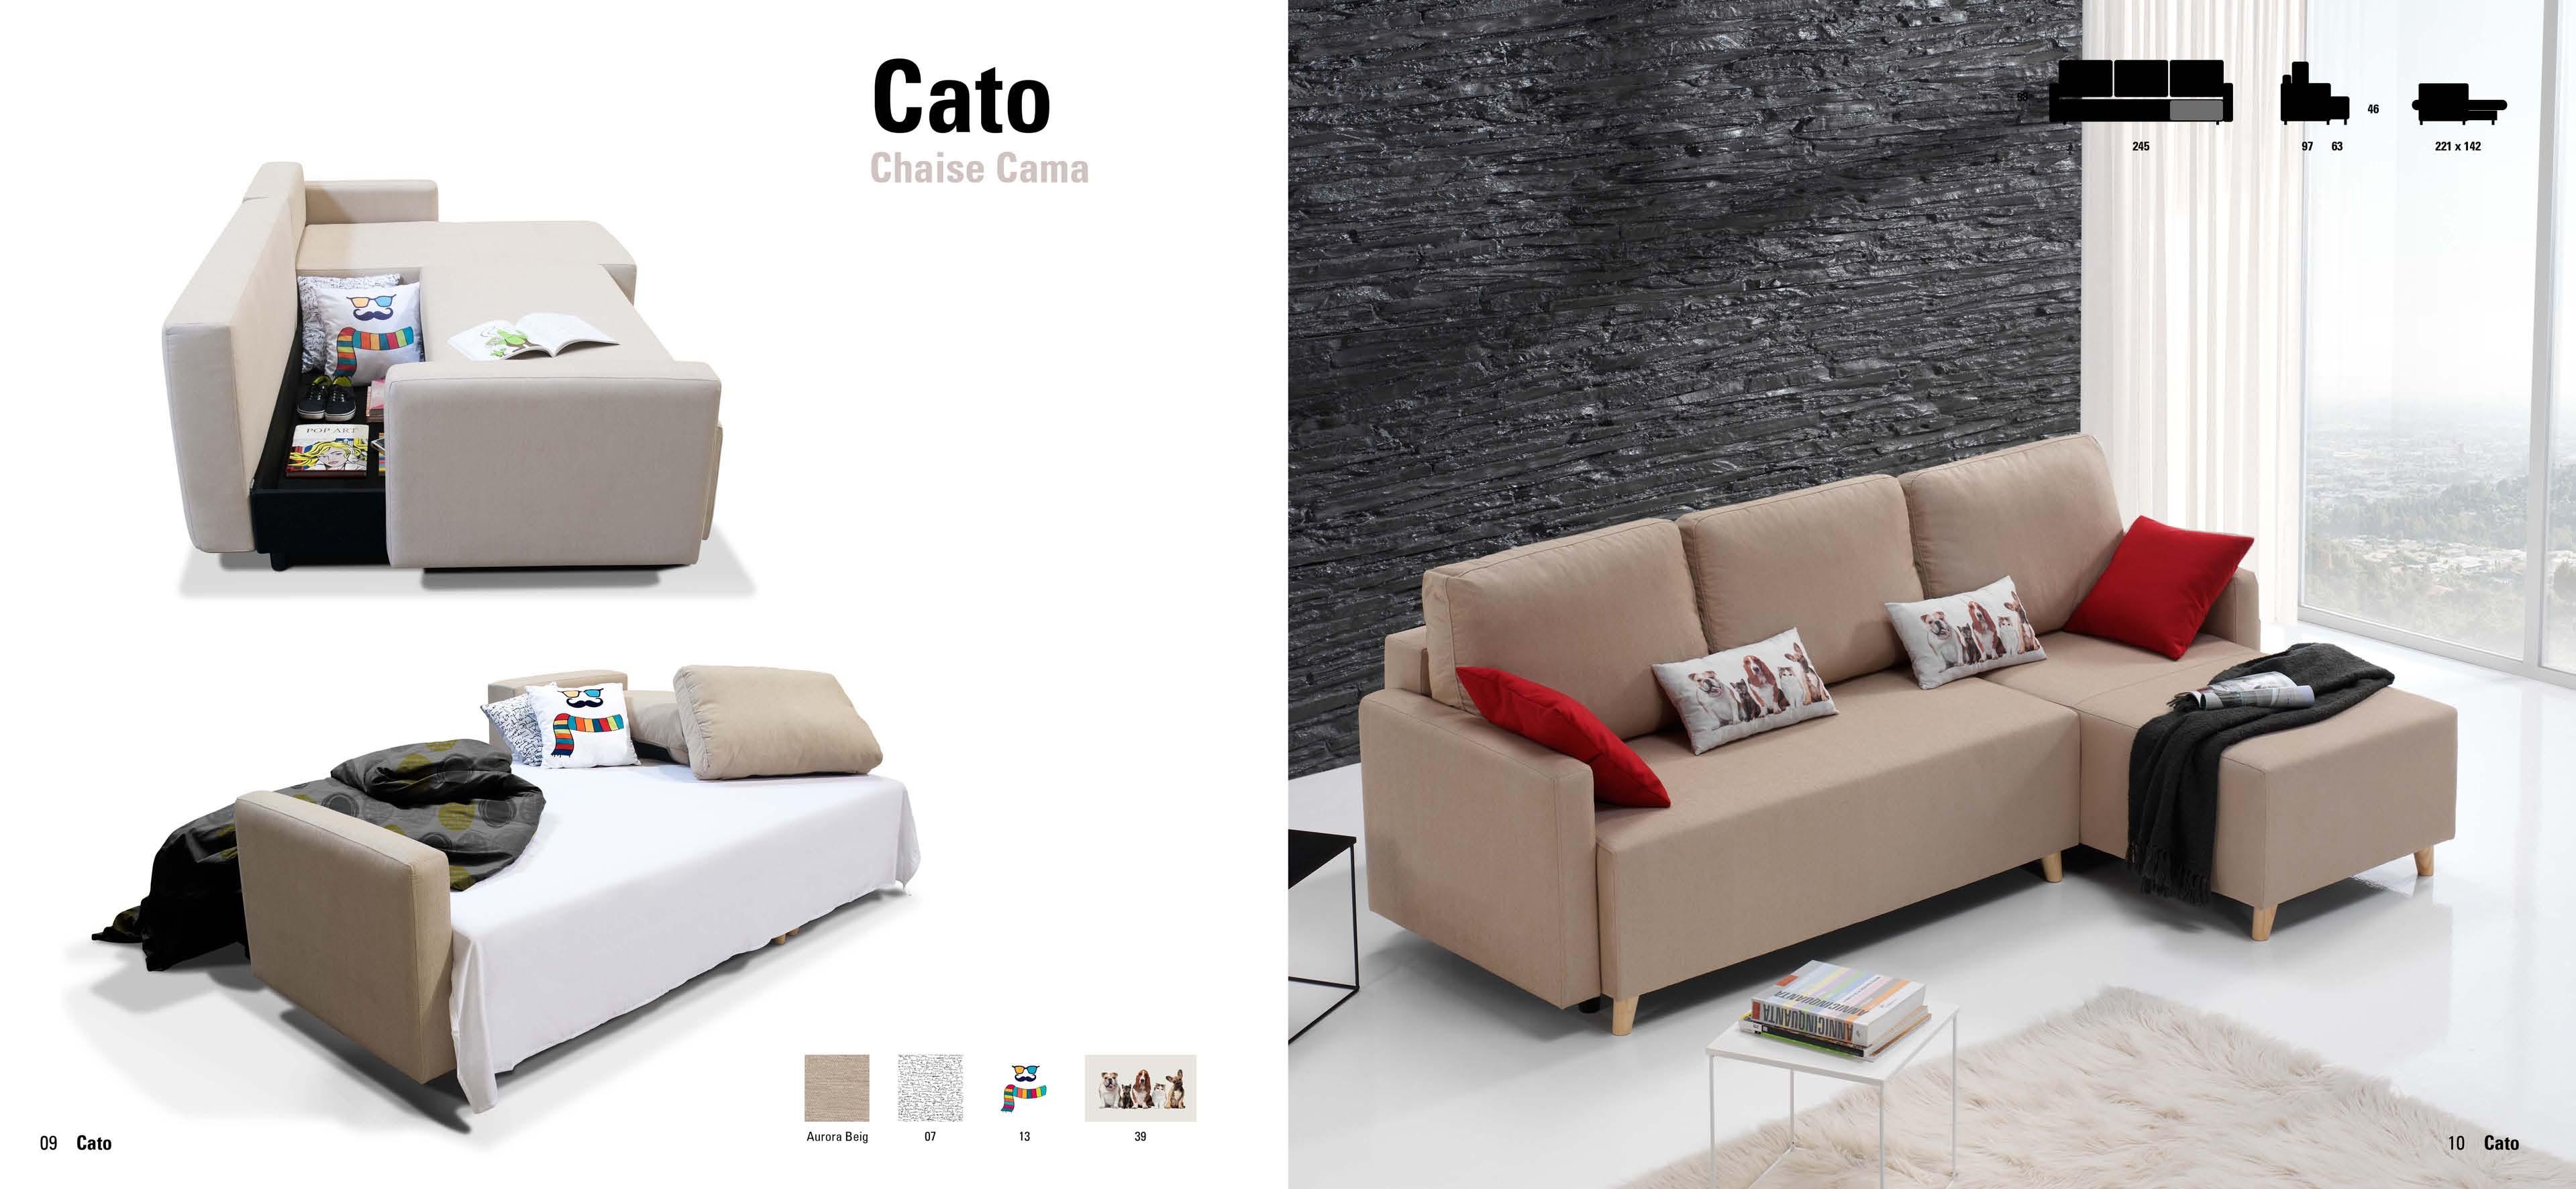 Chaise longue sof cama muebles adama tienda de muebles for Chaise longue sofa cama